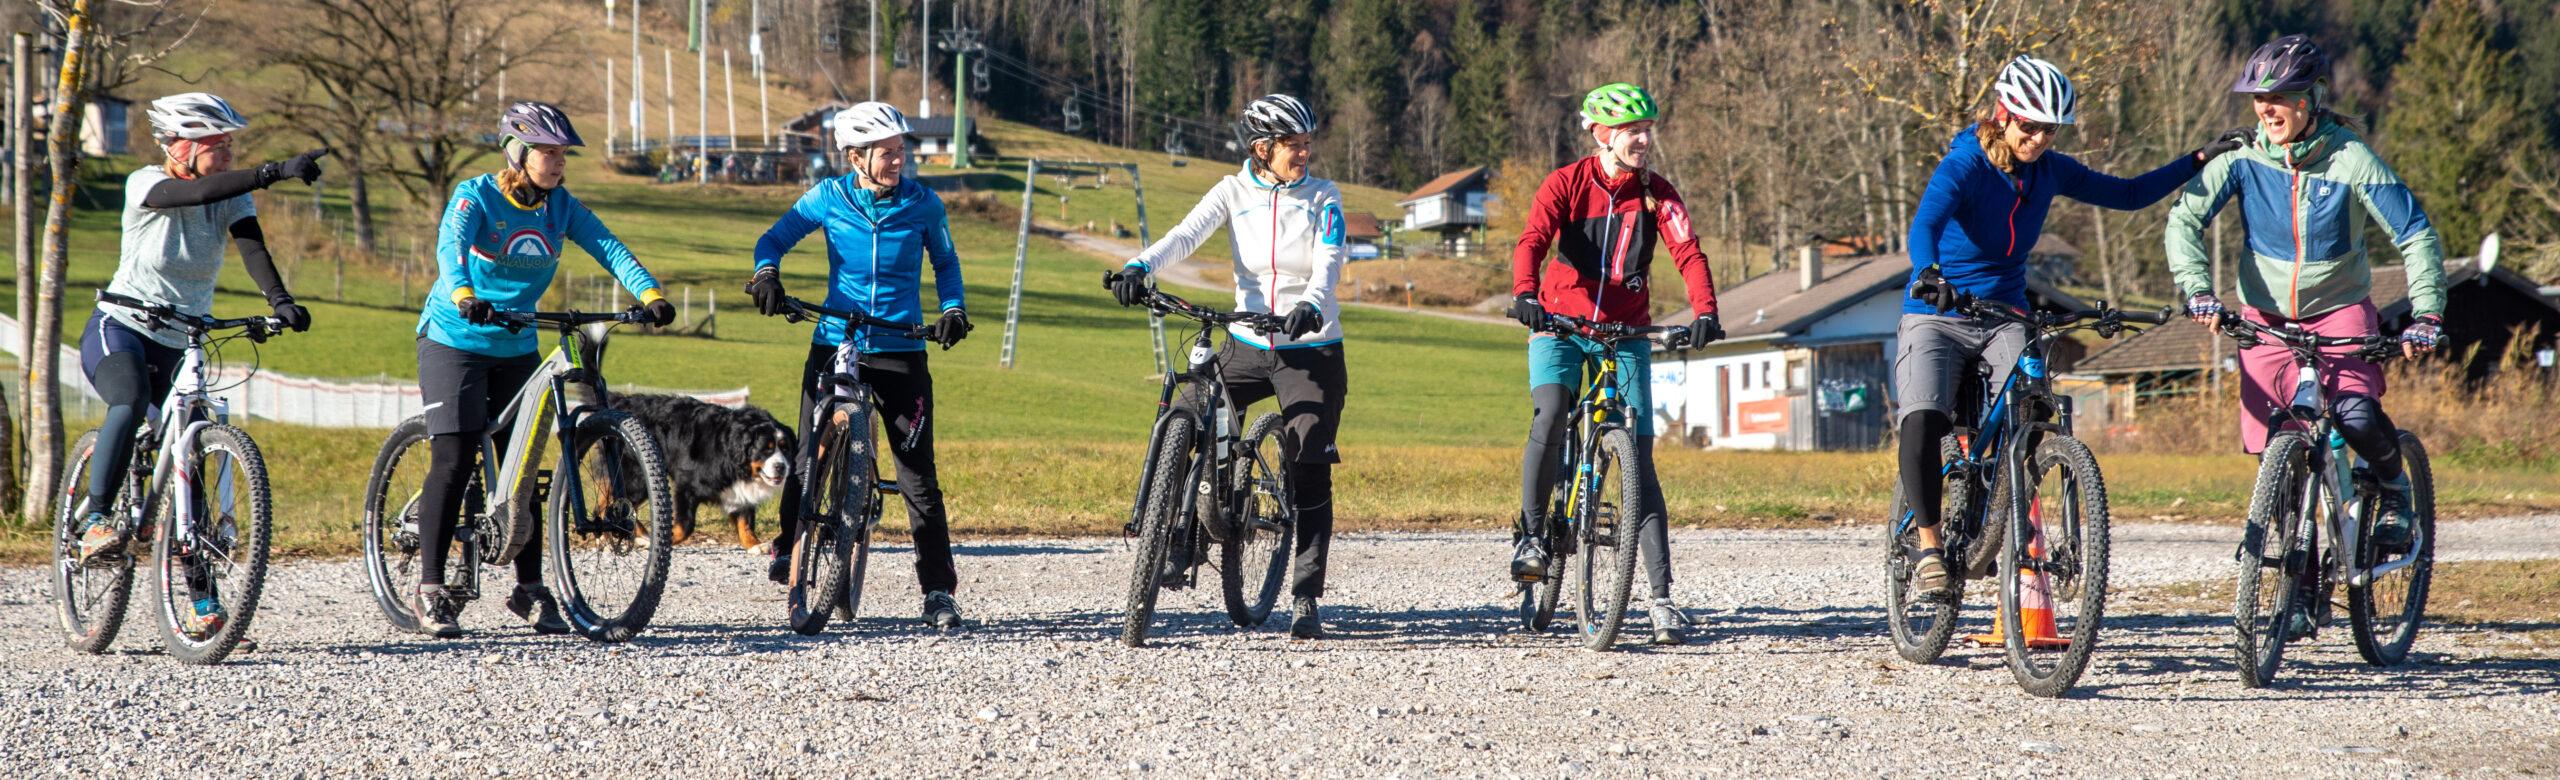 2020.11.14 11.15.29 Biketraining Tine 00075